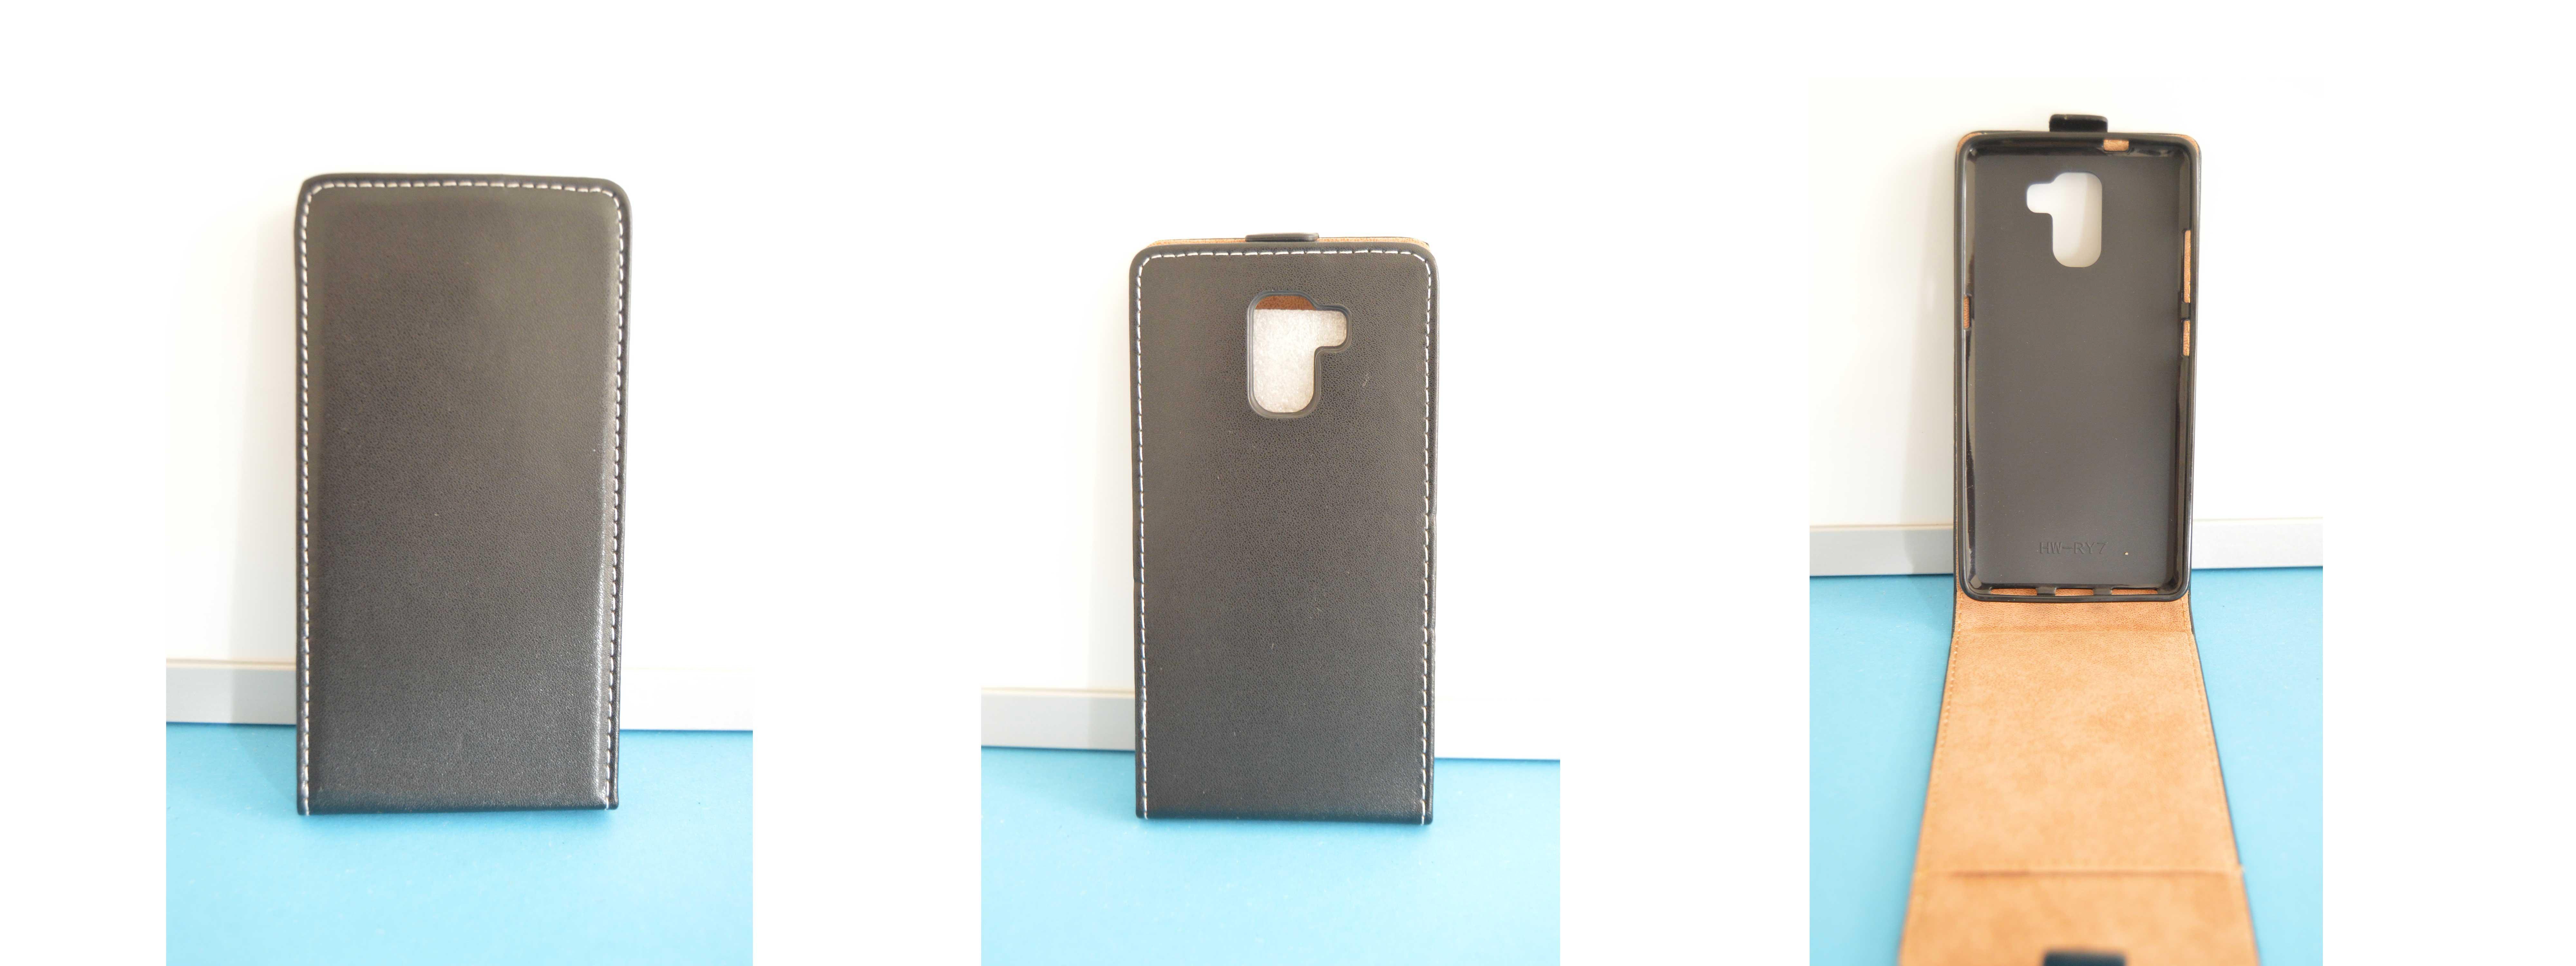 Forcell Pouzdro na mobil HUAWEI HONOR 7 umělá kůže flip magnetický empty aab36fdf01a